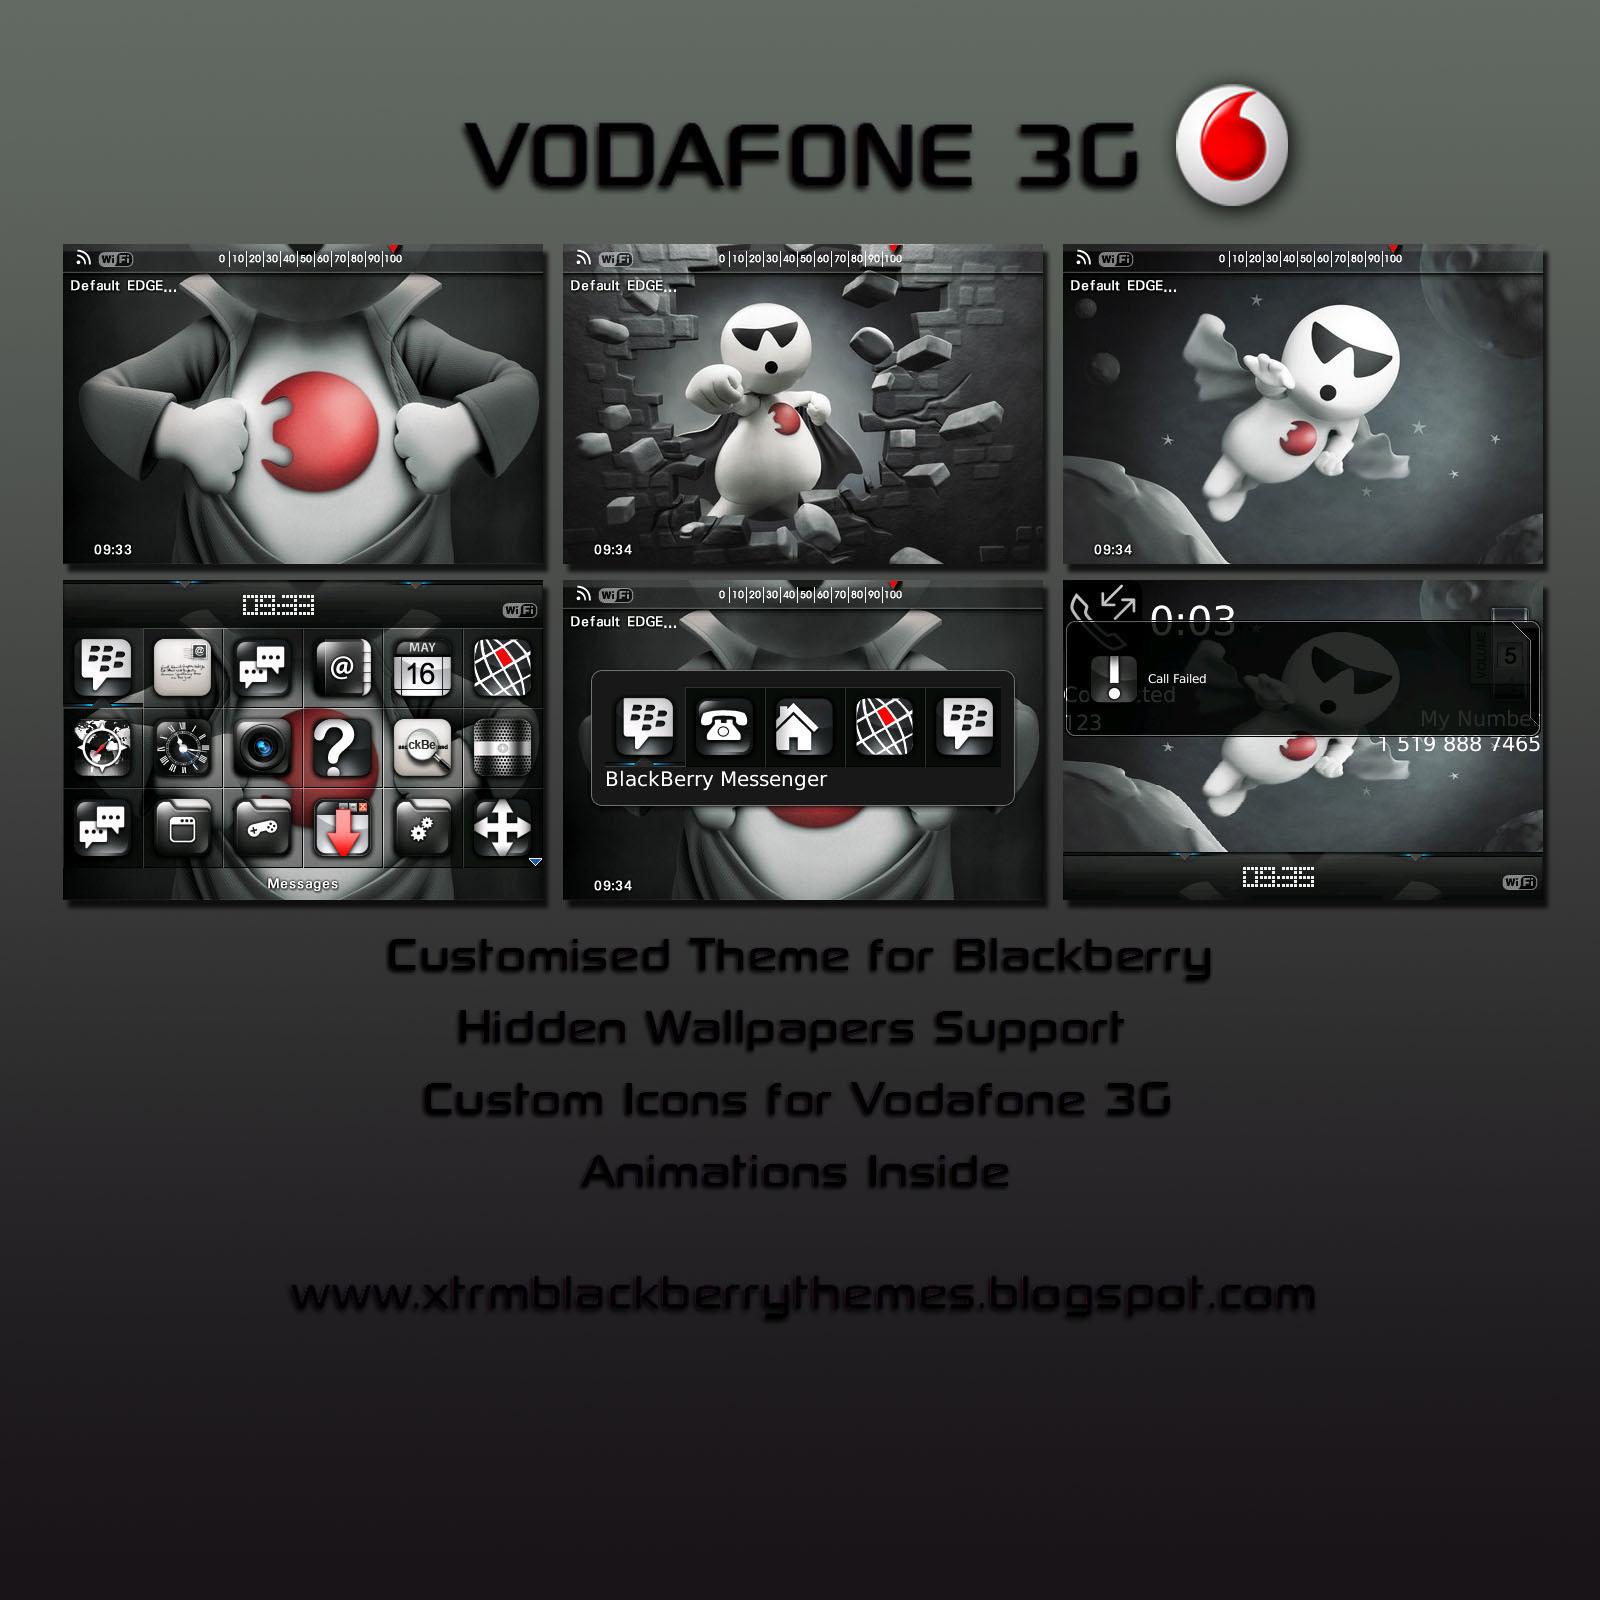 http://1.bp.blogspot.com/-Waf_8BZaLR0/TZmd6kFLXwI/AAAAAAAAAIQ/7hXv9_FLT1A/s1600/Vodafone+Wallpaper+3g.jpg